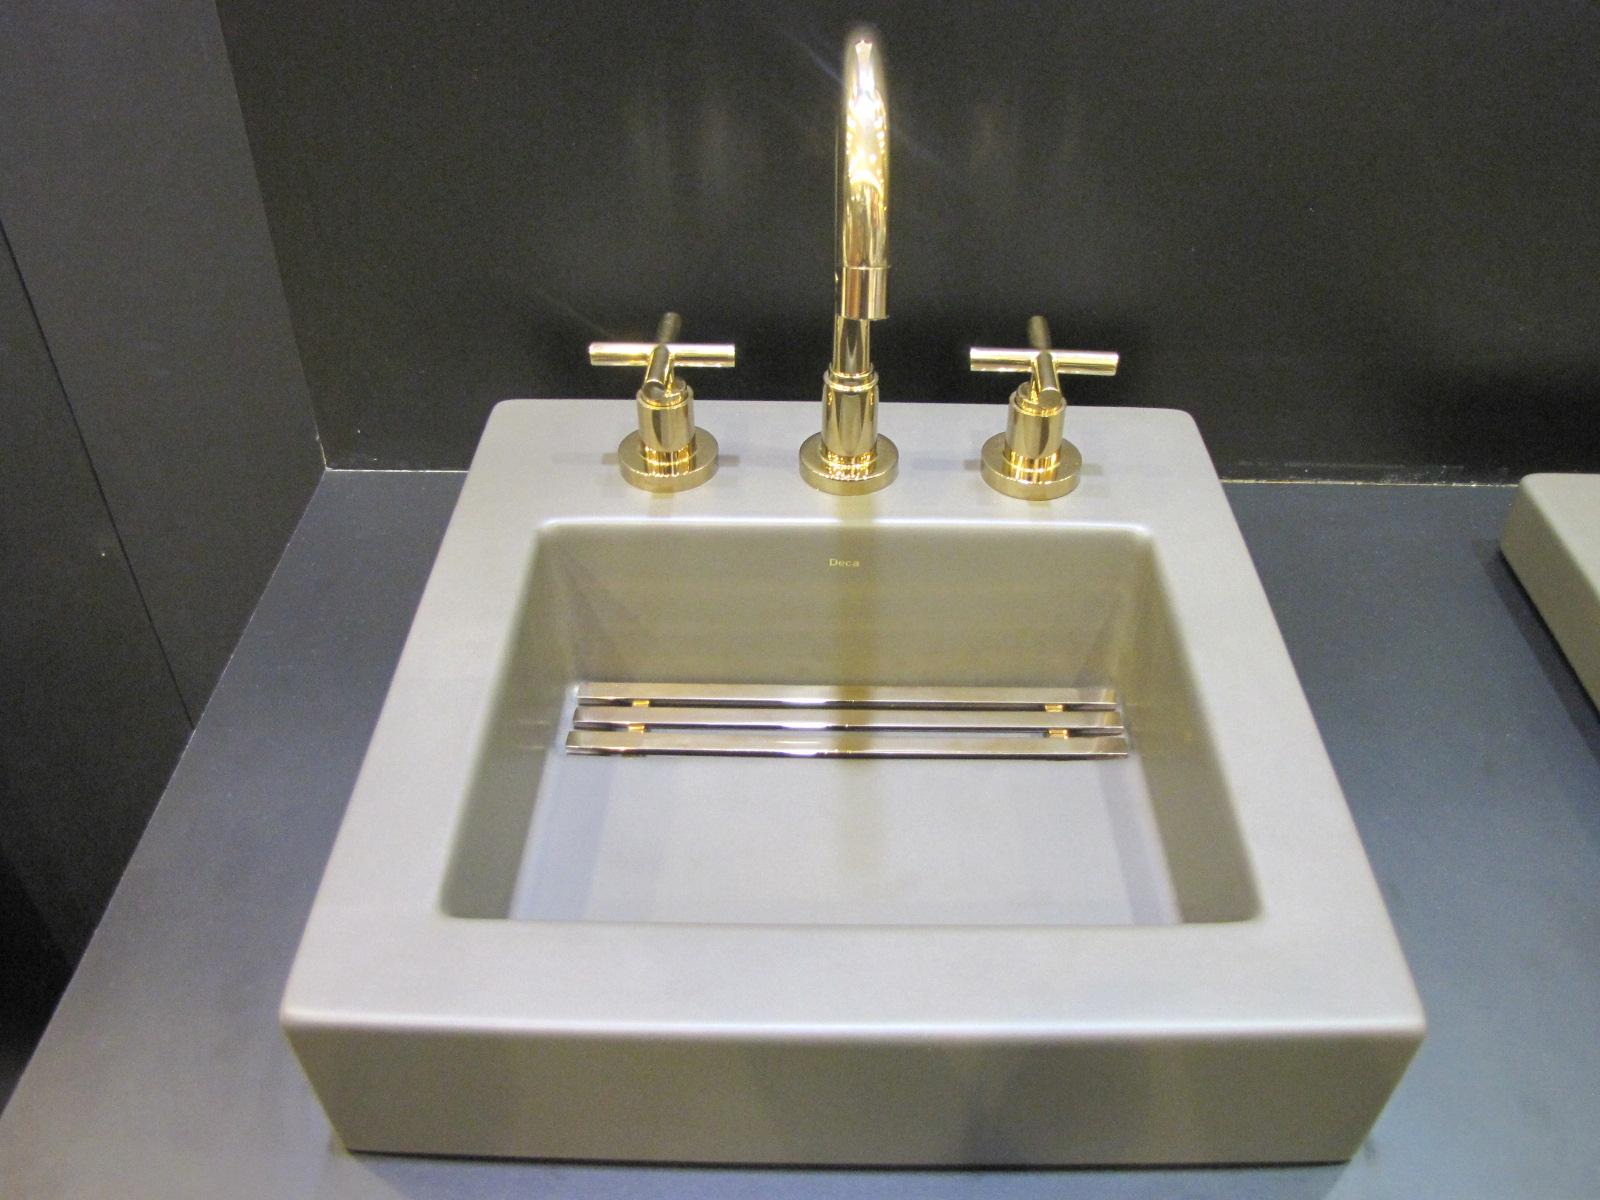 As cores e formas também foramnovidades nas louças da DECA que  #867645 1600x1200 Acessorios Banheiro Roca